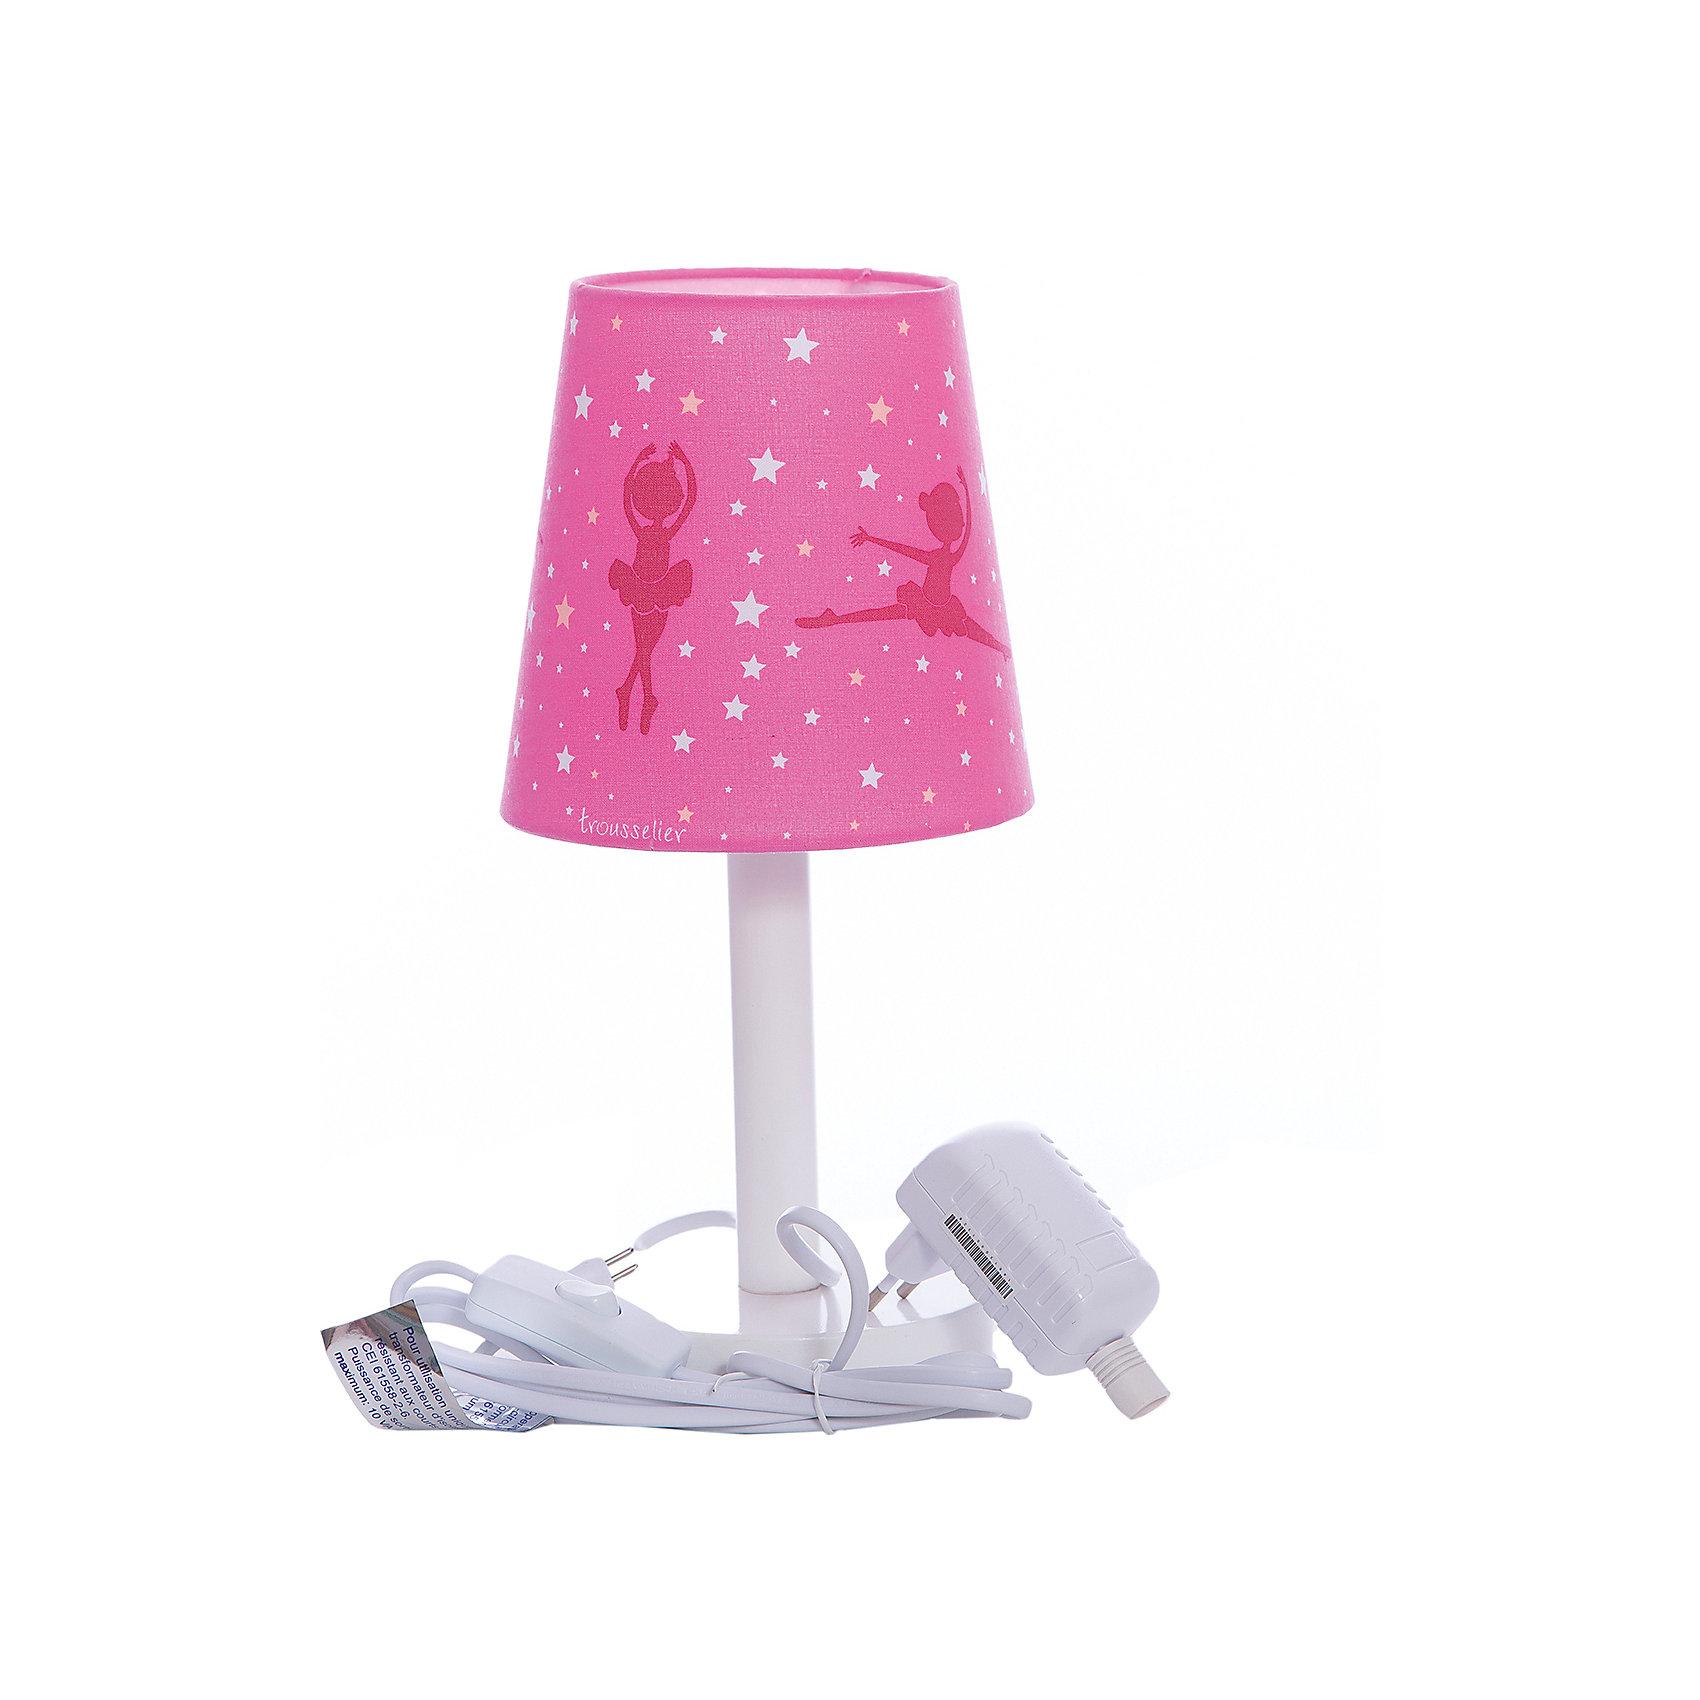 Лампа ночник 30 Cm Ballerina Pink, TrousselierЛампы, ночники, фонарики<br>Ночники помогают создать уют в любом помещении. Для детей это еще и повышение качества сна - с ночником они спят спокойнее, так как вокруг нет пугающей темноты.<br>Этот ночник выглядит очень красиво - на нем симпатичная картинка, красивый абажур. Корпус ночника - прочный, из дерева и металла. Изделие произведено из высококачественных материалов, и соответствует европейским стандартам безопасности.<br><br>Дополнительная информация:<br><br>цвет: белый, розовый;<br>материал: металл, жароустойчивый пластик, дерево;<br>работает от розетки;<br>внутри - лампочка 12 V 20 W;<br>длина шнура: 1,8 метра;<br>размер: 15 х 15 х 30 см.<br><br><br>Лампу ночник 30 Cm Ballerina Pink от французской компании Trousselier можно купить в нашем магазине.<br><br>Ширина мм: 175<br>Глубина мм: 175<br>Высота мм: 260<br>Вес г: 730<br>Возраст от месяцев: 0<br>Возраст до месяцев: 216<br>Пол: Женский<br>Возраст: Детский<br>SKU: 4961822